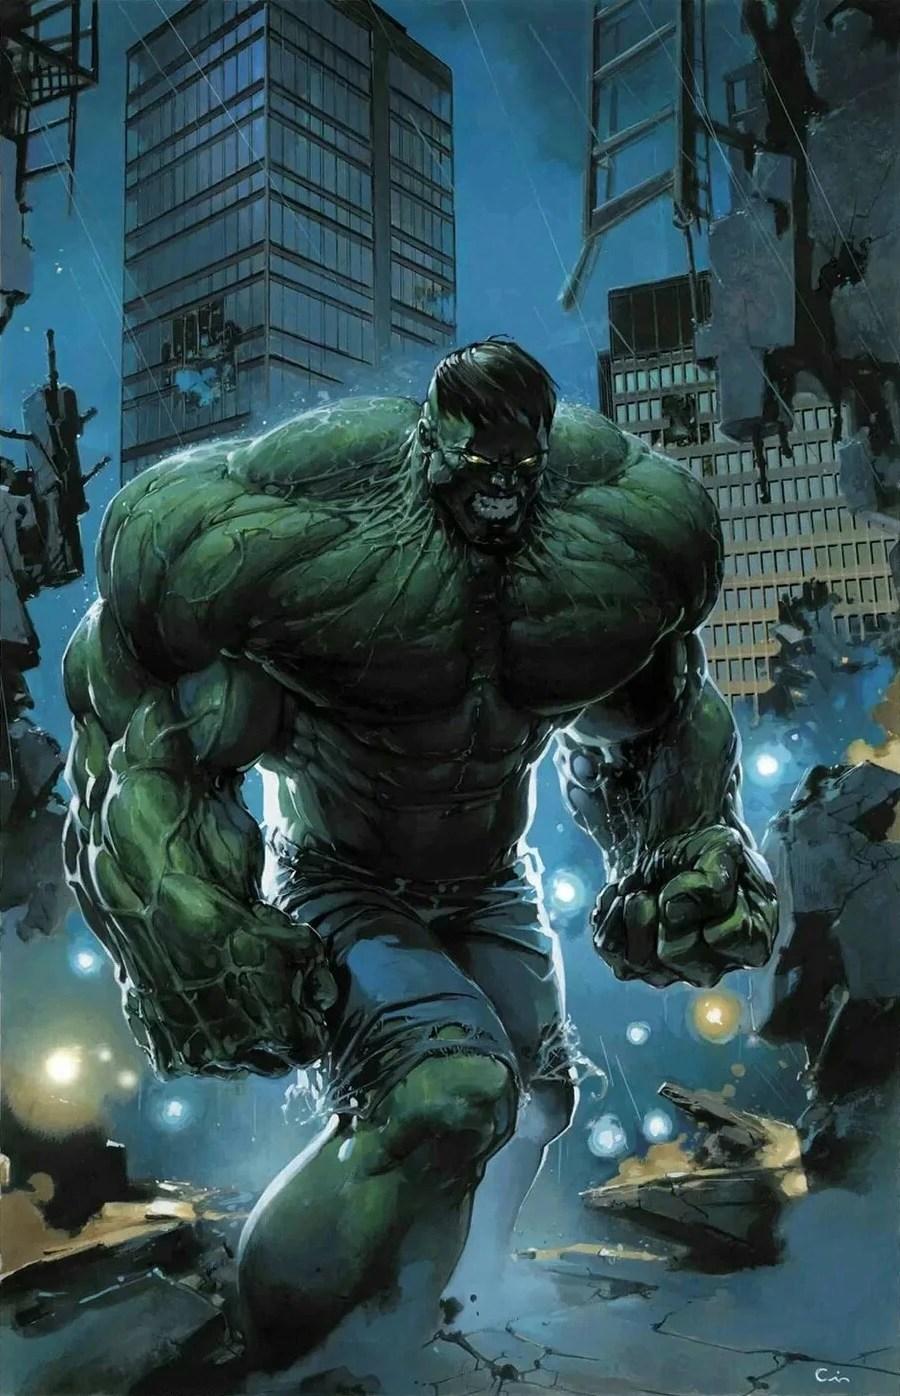 Marvel Comics the Hulk Immortal